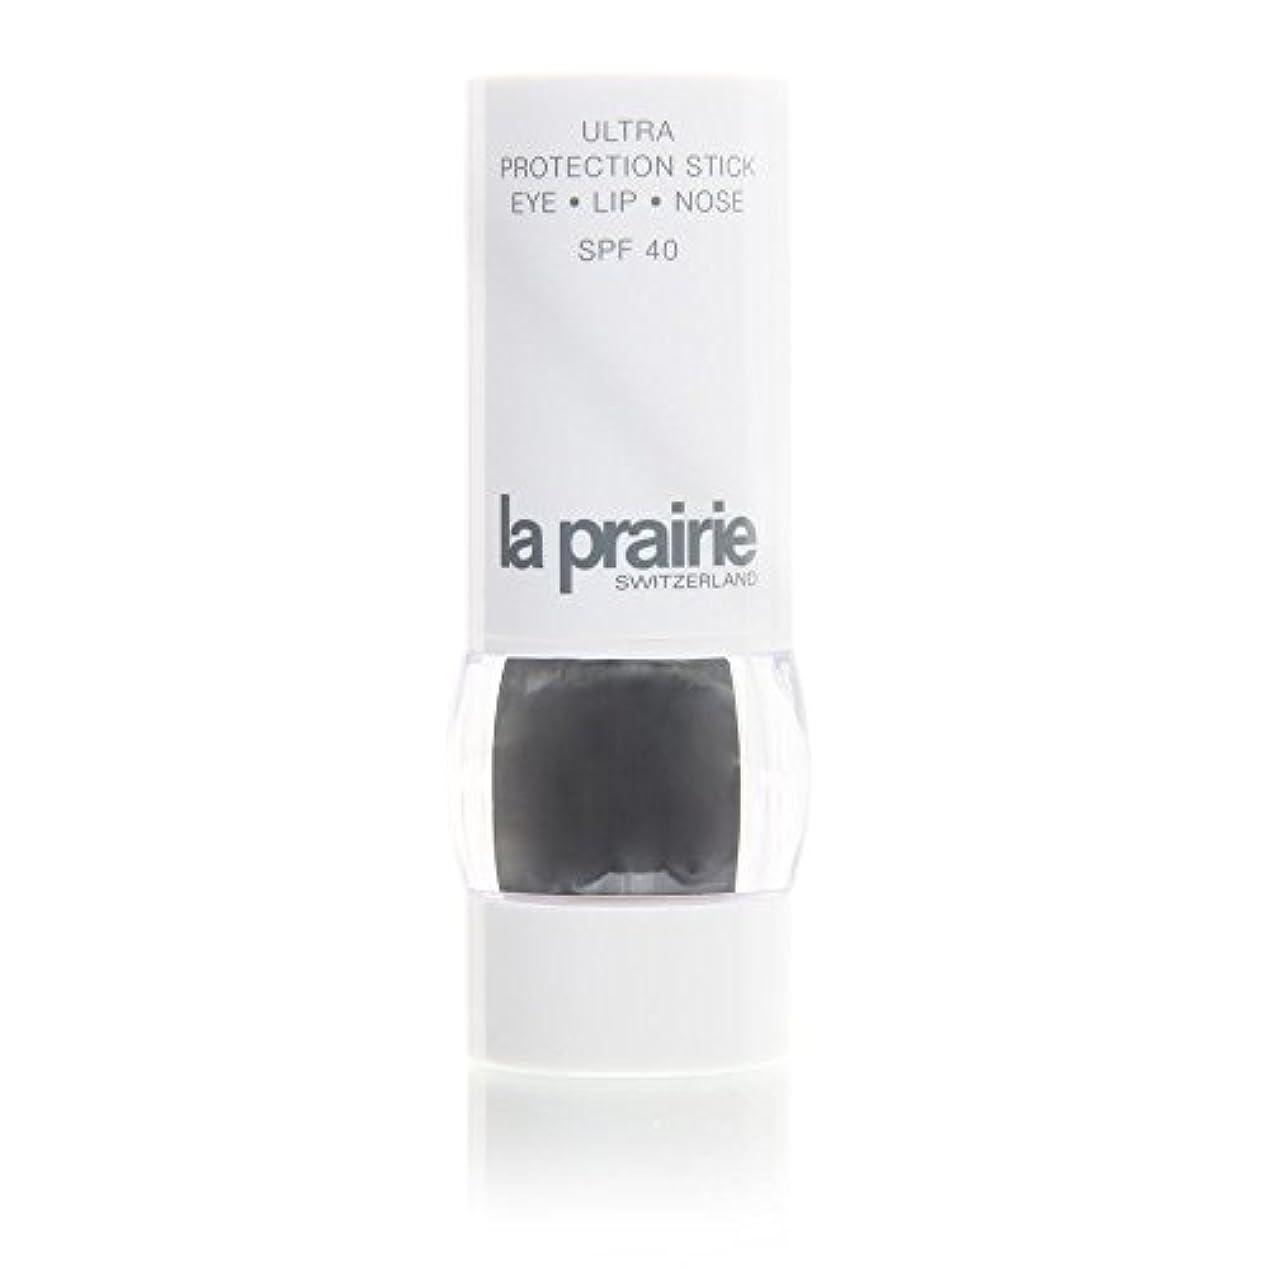 クランプ原理忌避剤La prairie - ウルトラサンプロテクションSPF40は10グラムスティック - 【並行輸入品】